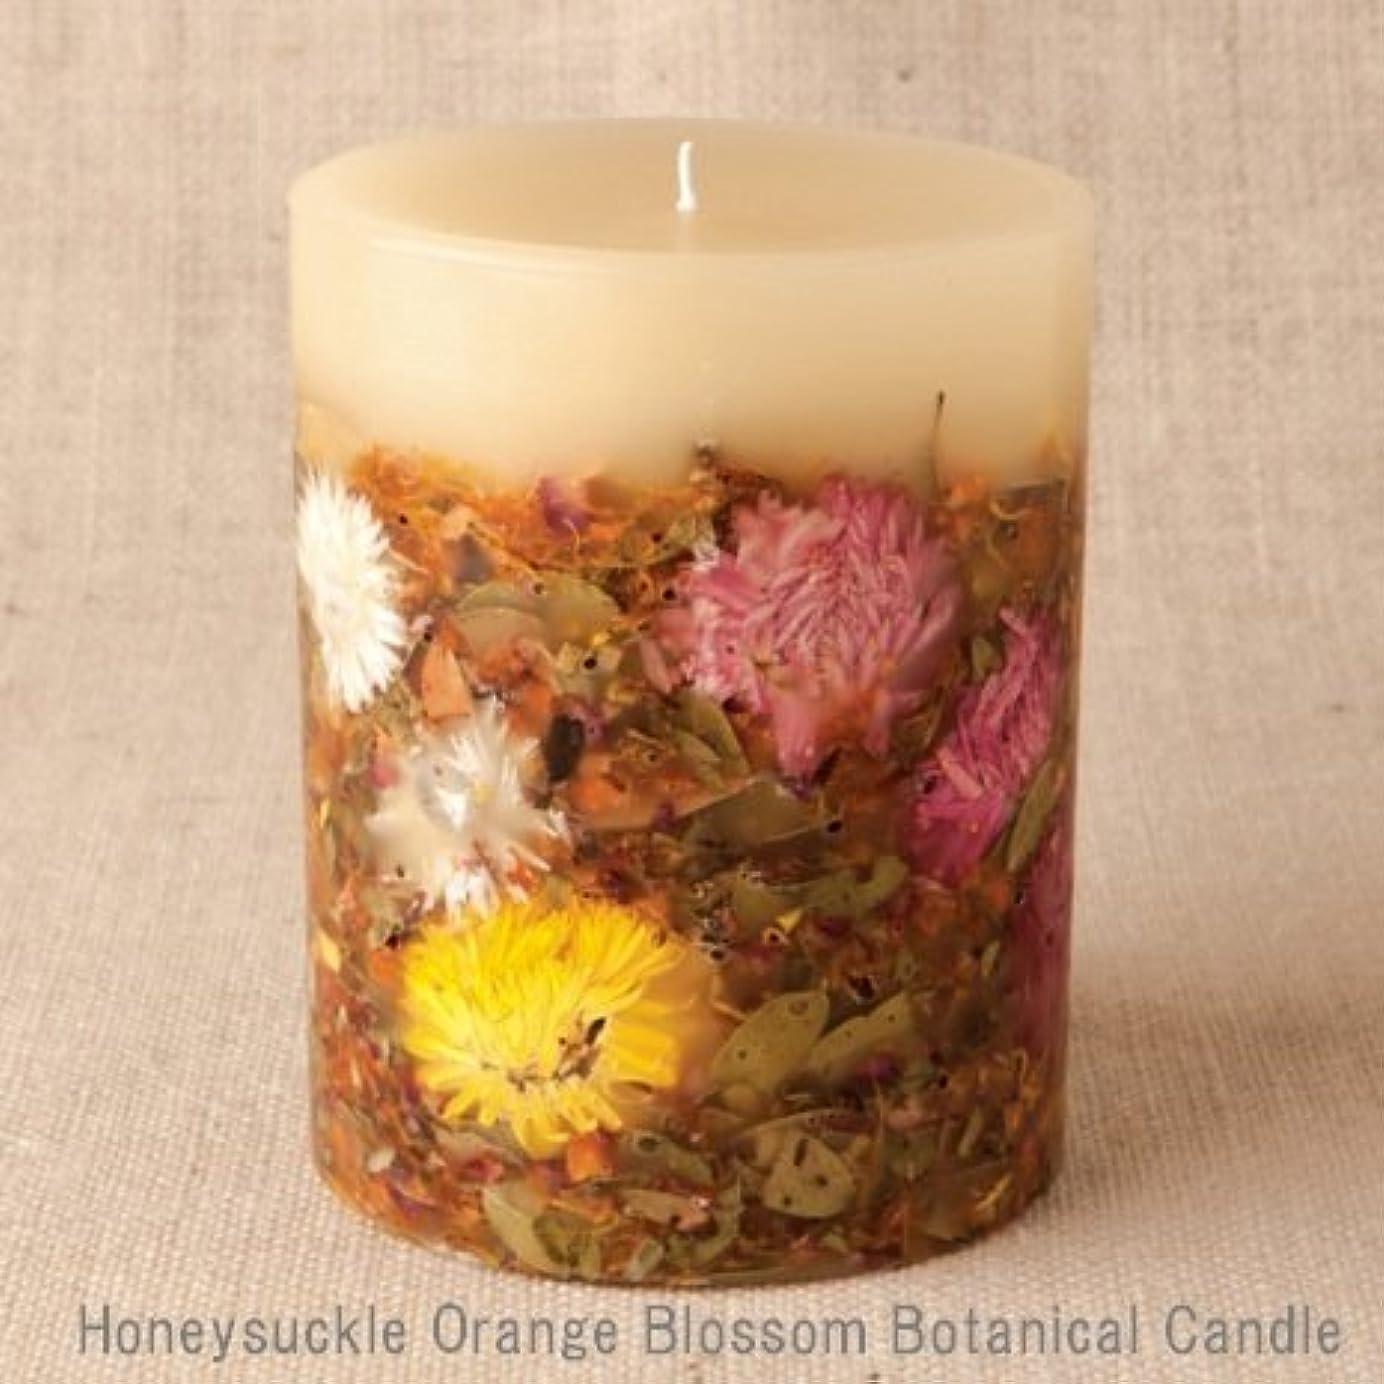 腹痛別に広々とした【Rosy Rings ロージーリングス】 Botanical candle キャンドル ハニーサックルオレンジ&ブロッサム